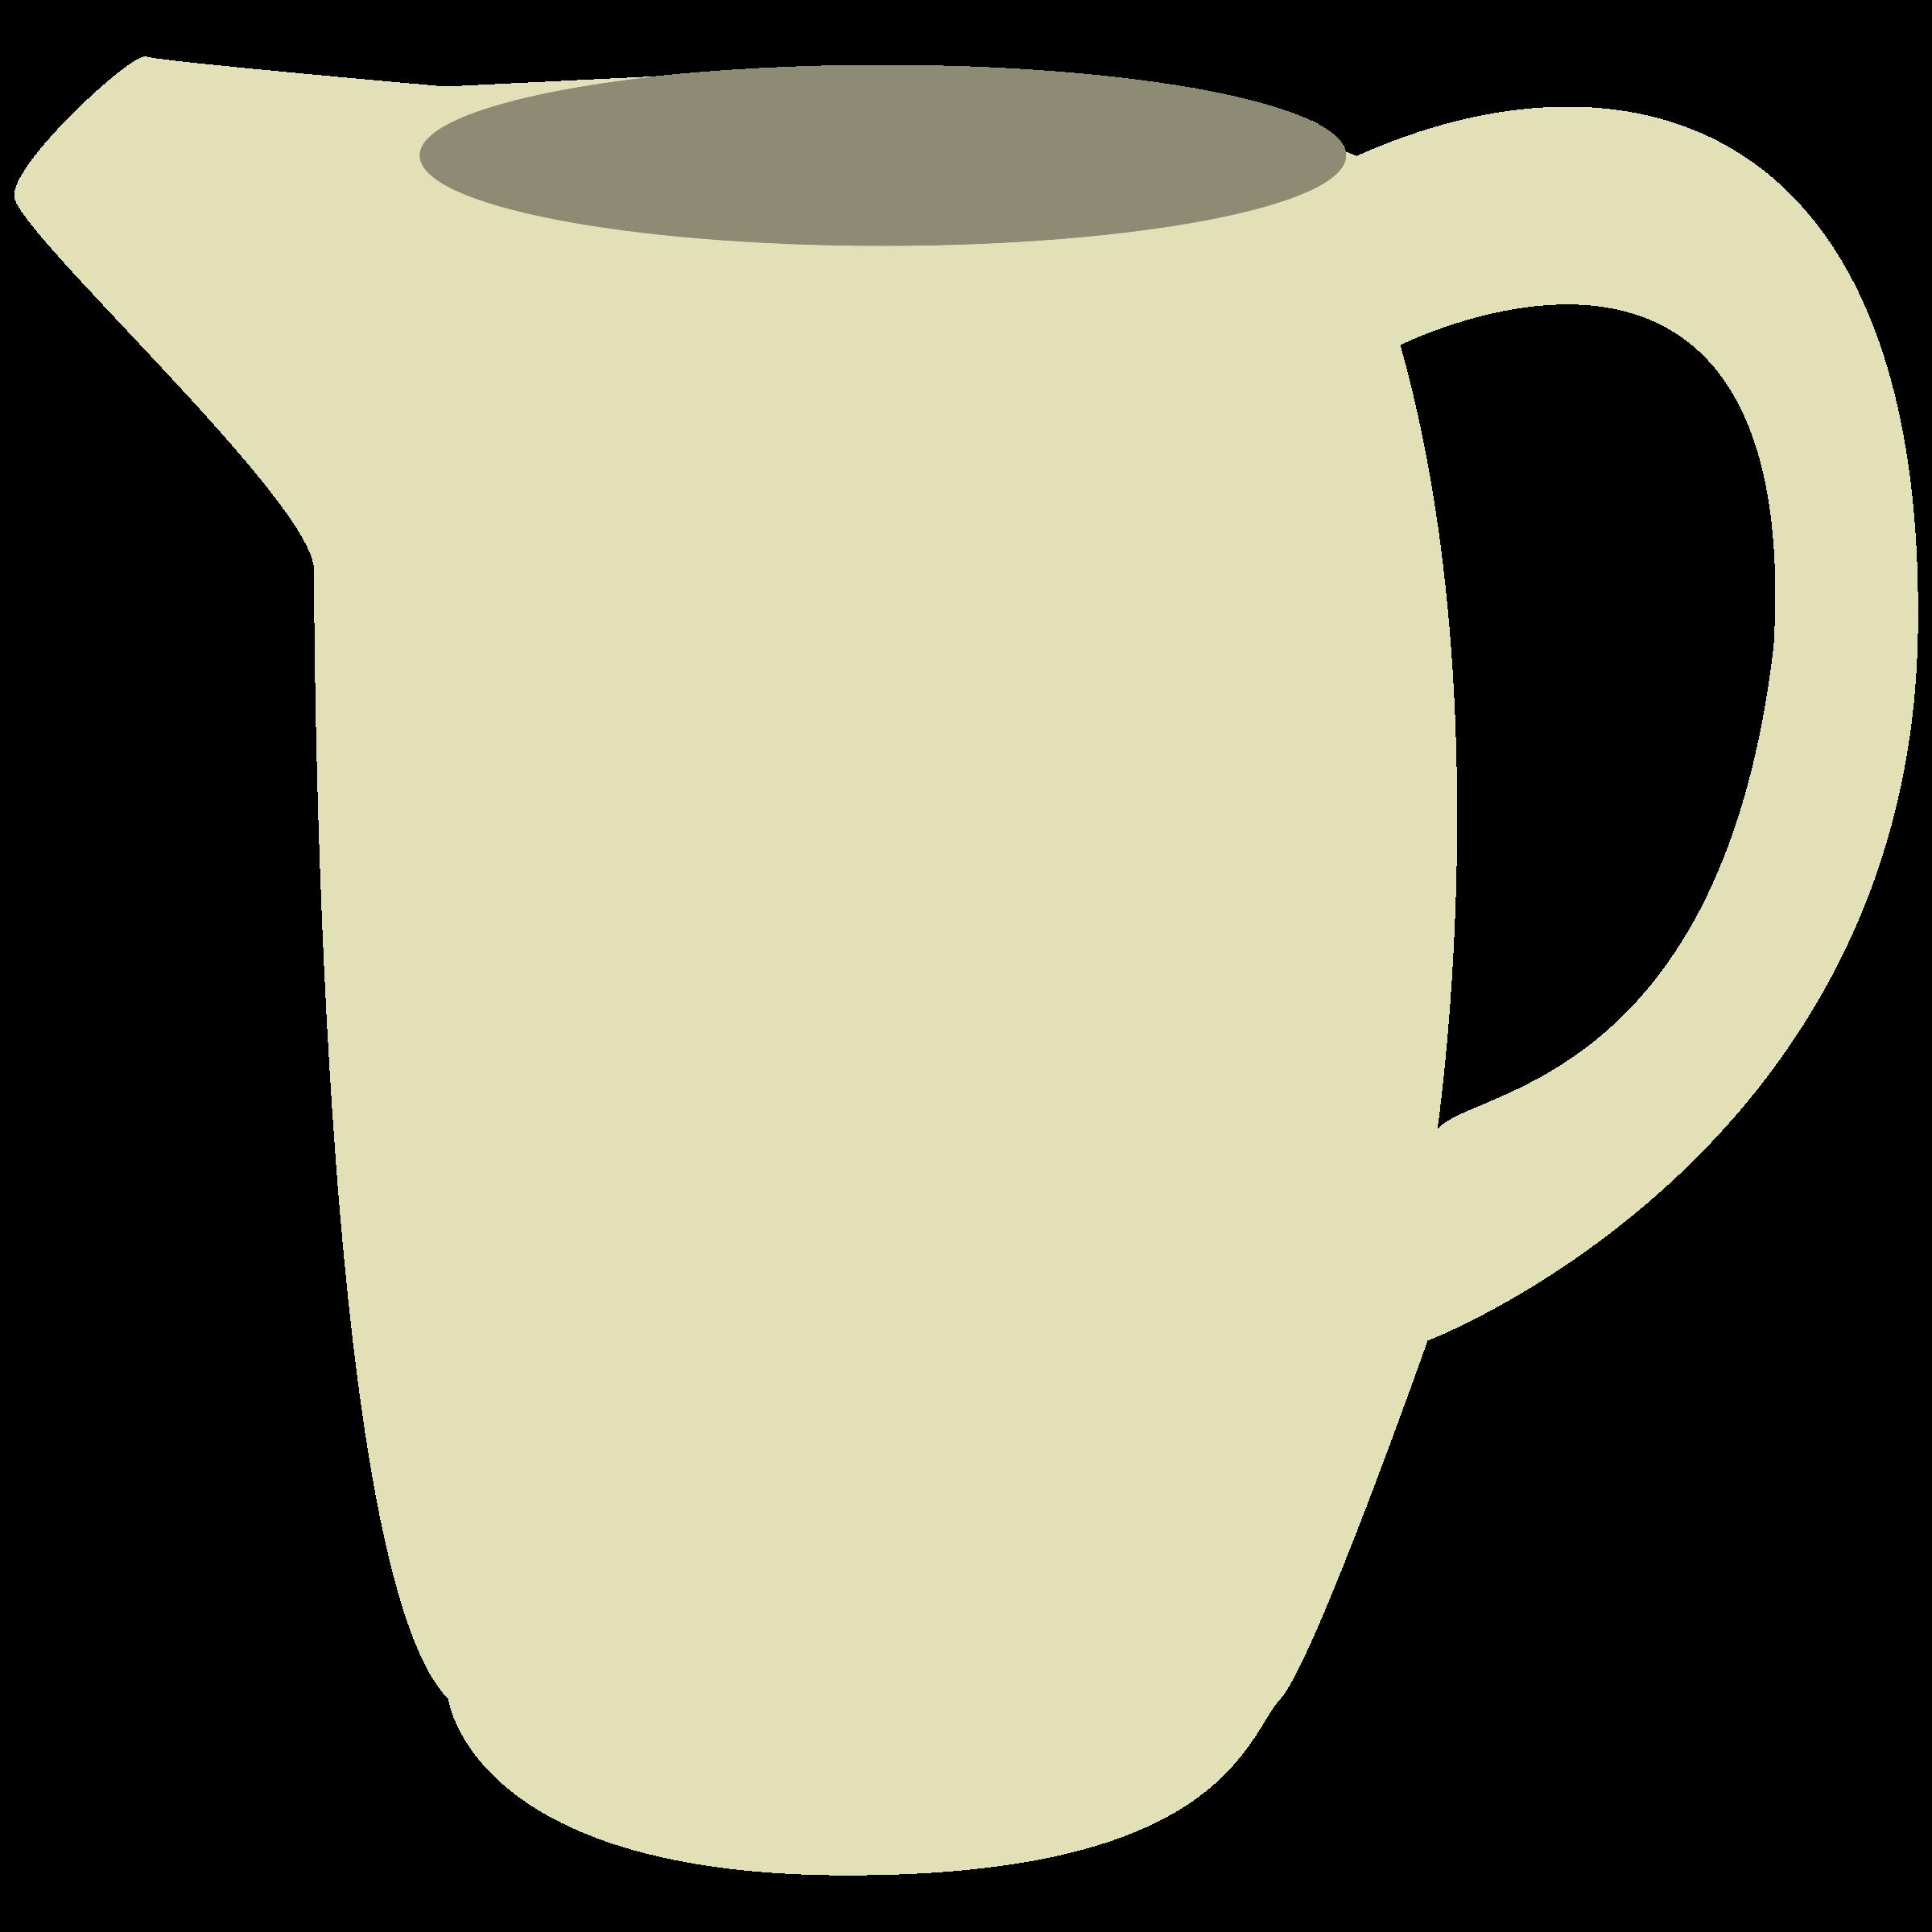 Milk clipart pitcher. Creamer dispenser for tea